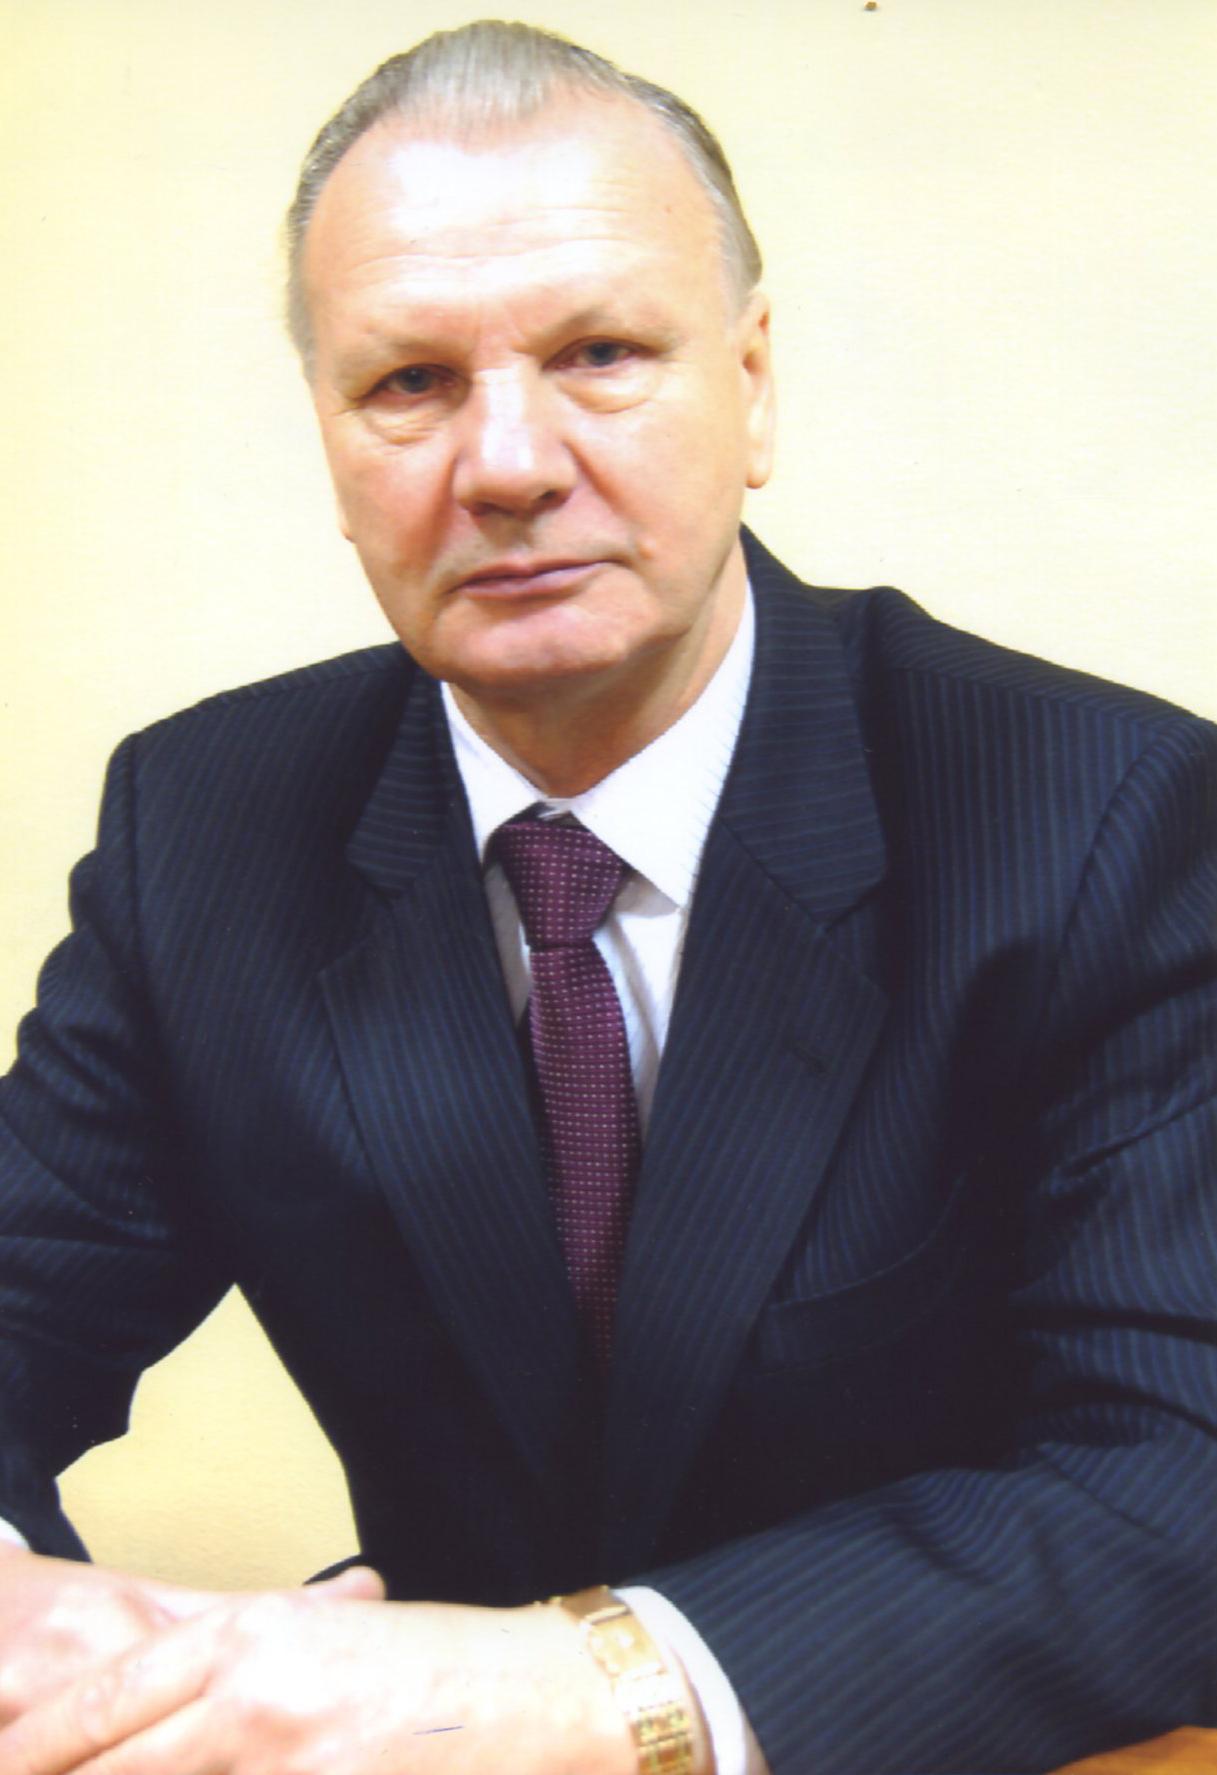 kolichestvo-chlenov-kprf